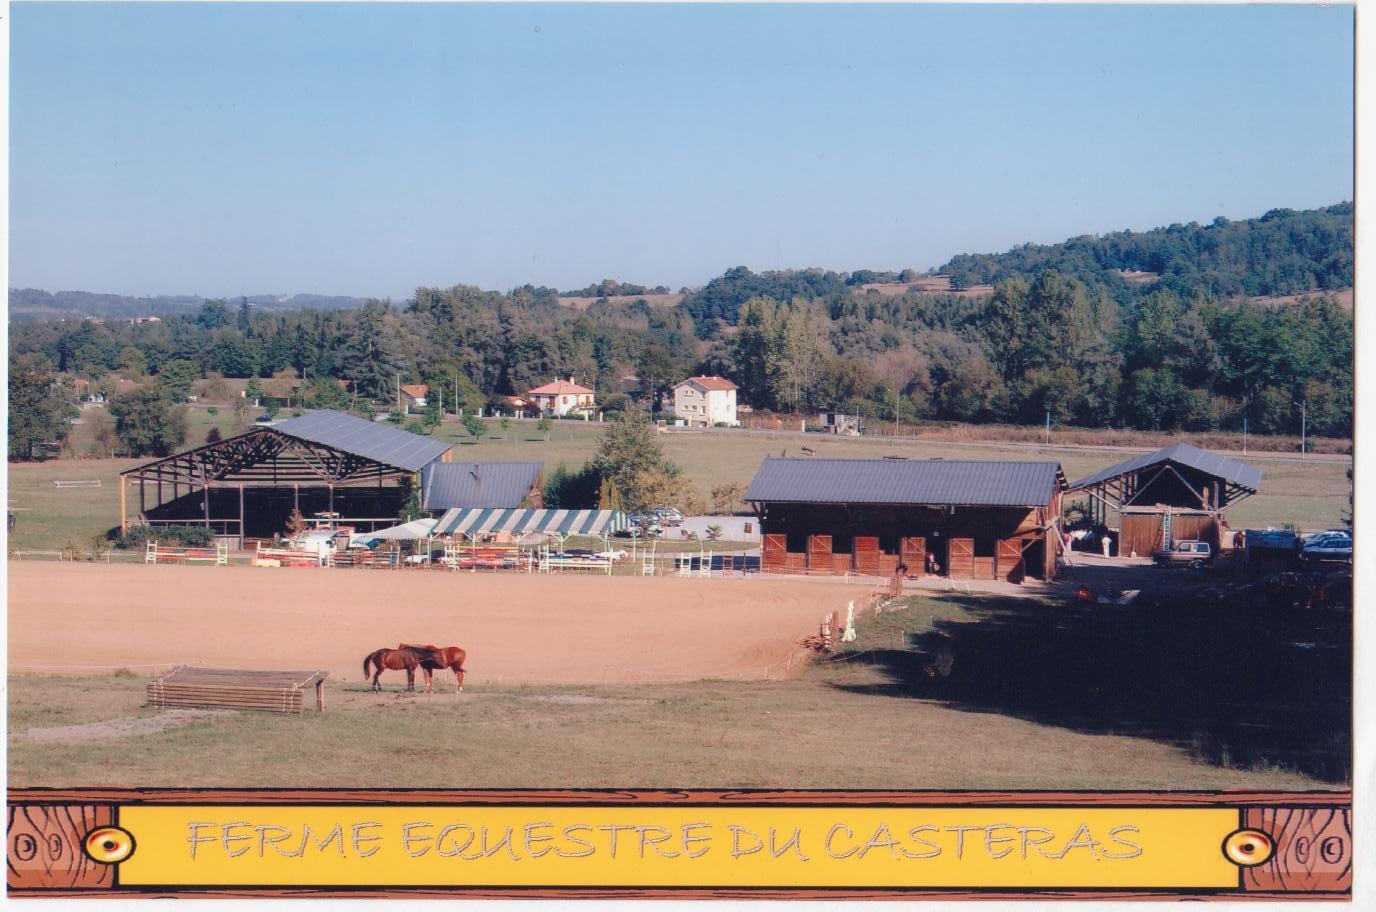 photo de Centre Équestre du Castéras